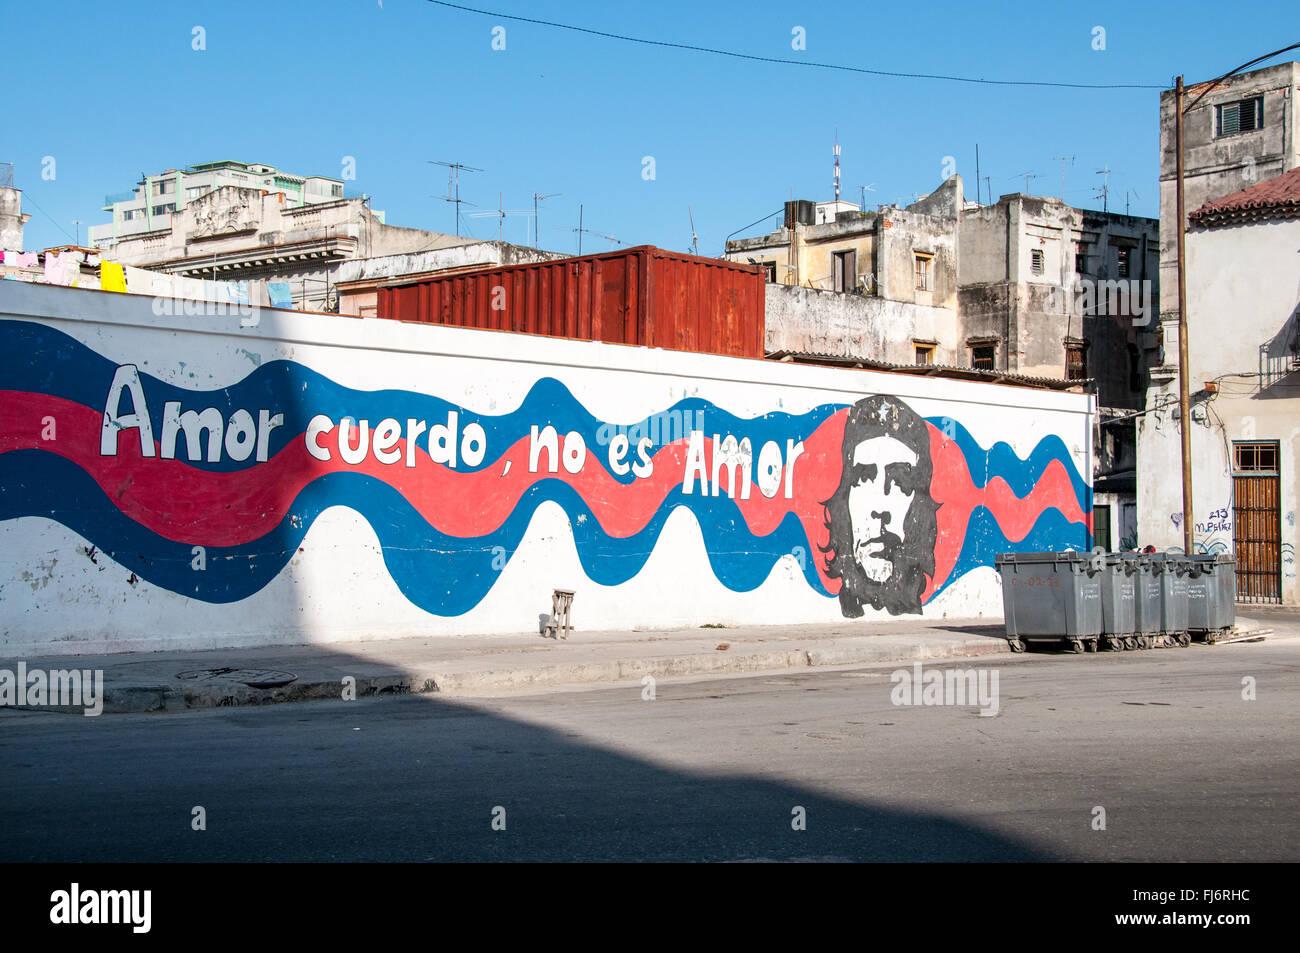 Amor cuerdo no es amor, dibujando La Habana - Cuba Imagen De Stock